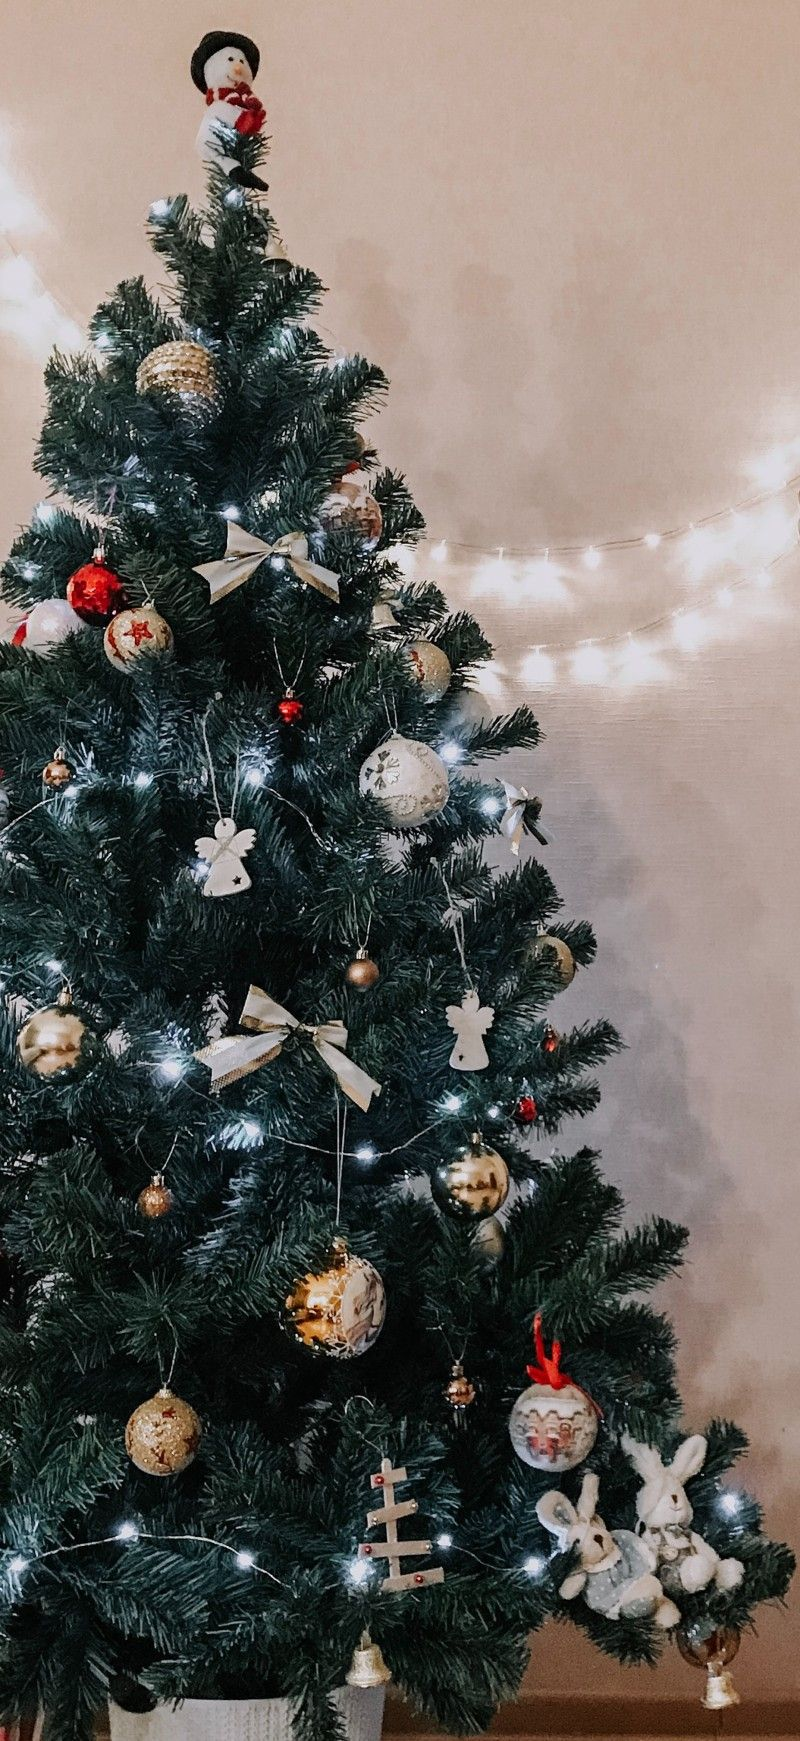 크리스마스 아이폰 고화질 배경화면 네이버 블로그 크리스마스 트리 크리스마스 배경 이미지 크리스마스 배경화면